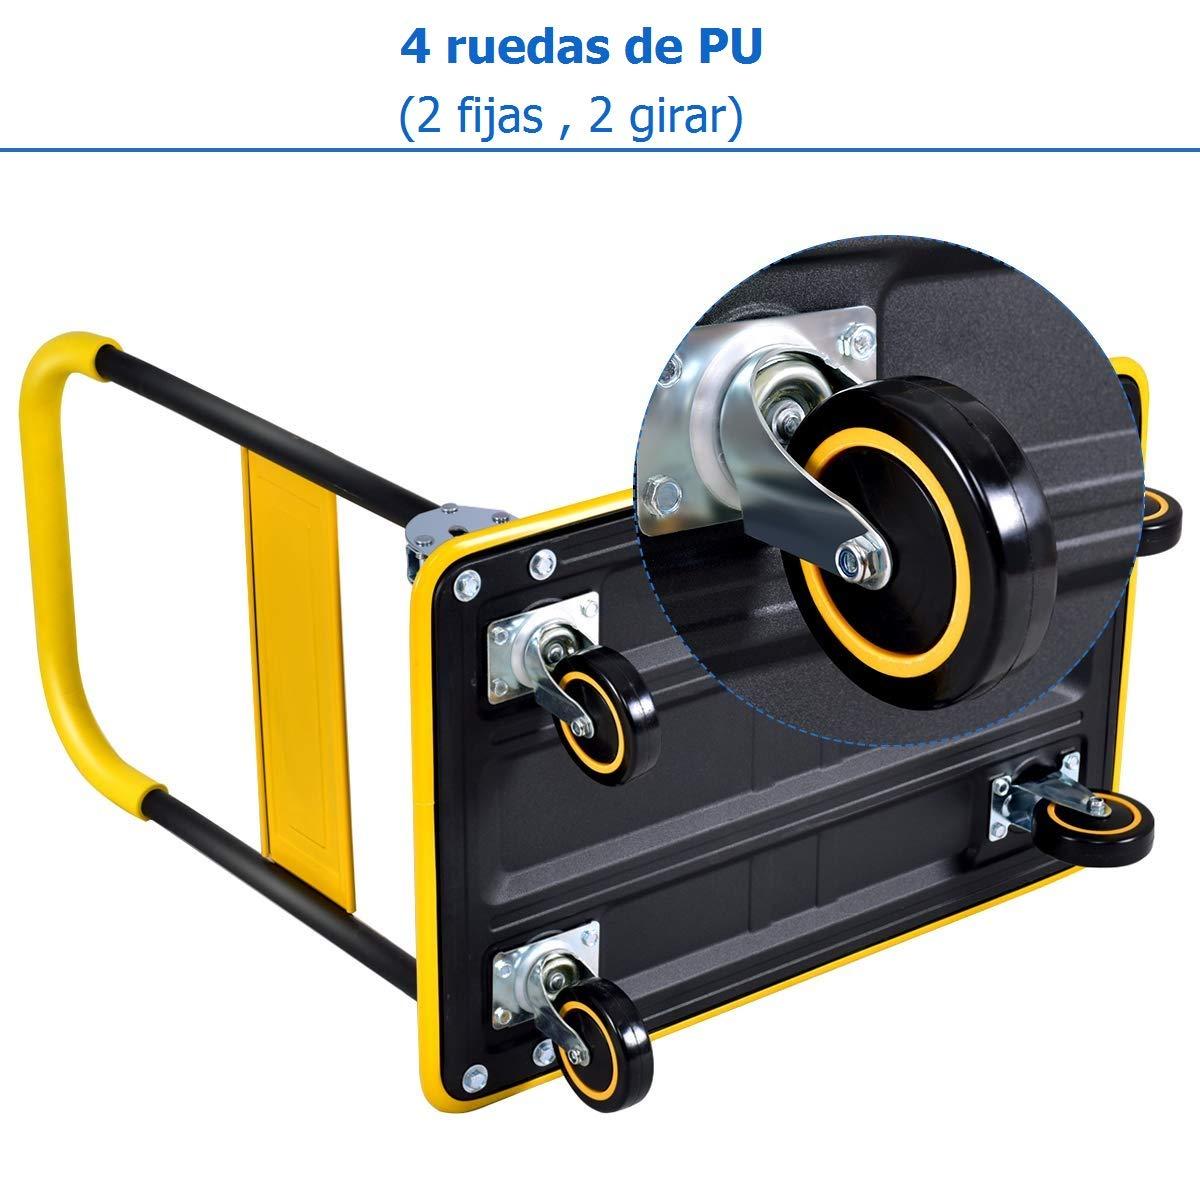 COSTWAY Plataforma de Carga Plegable Carro de Transporte con Ruedas Carretillade Mano hasta 150kg